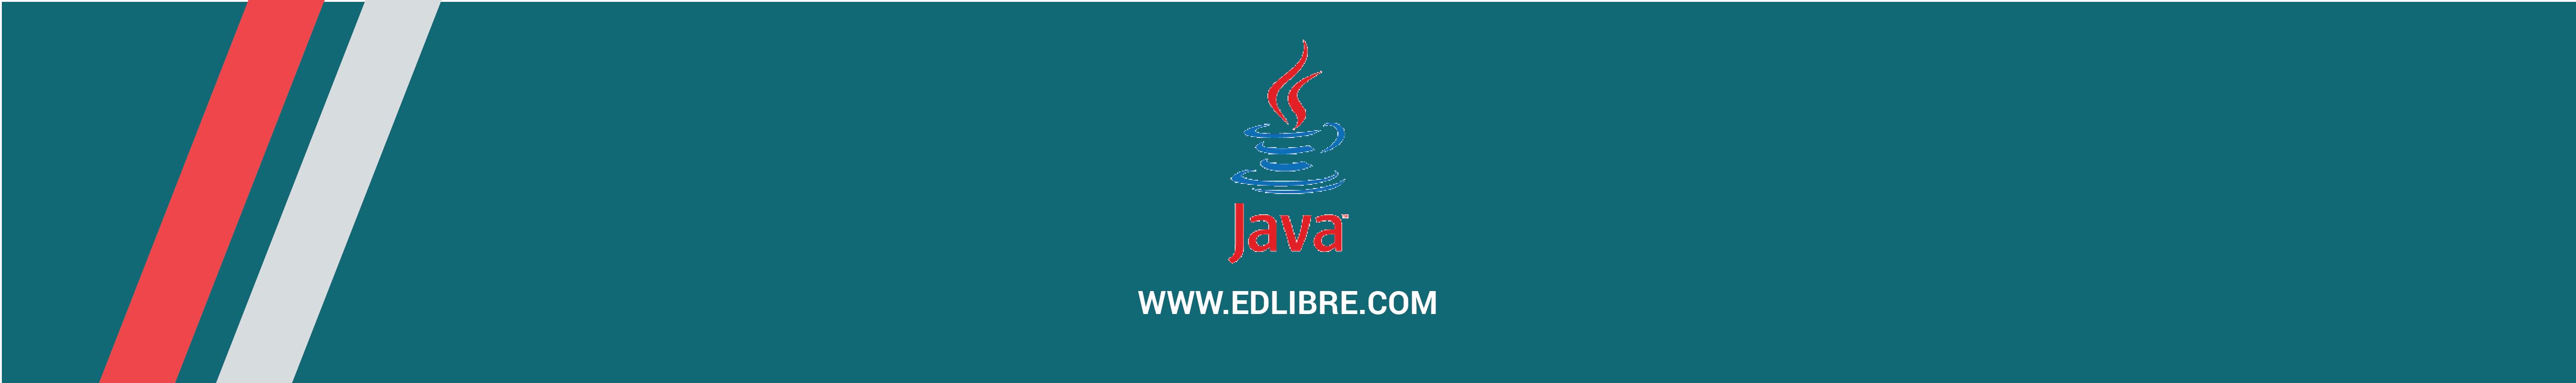 تعلم لغة البرمجة جافا Java بالعربية